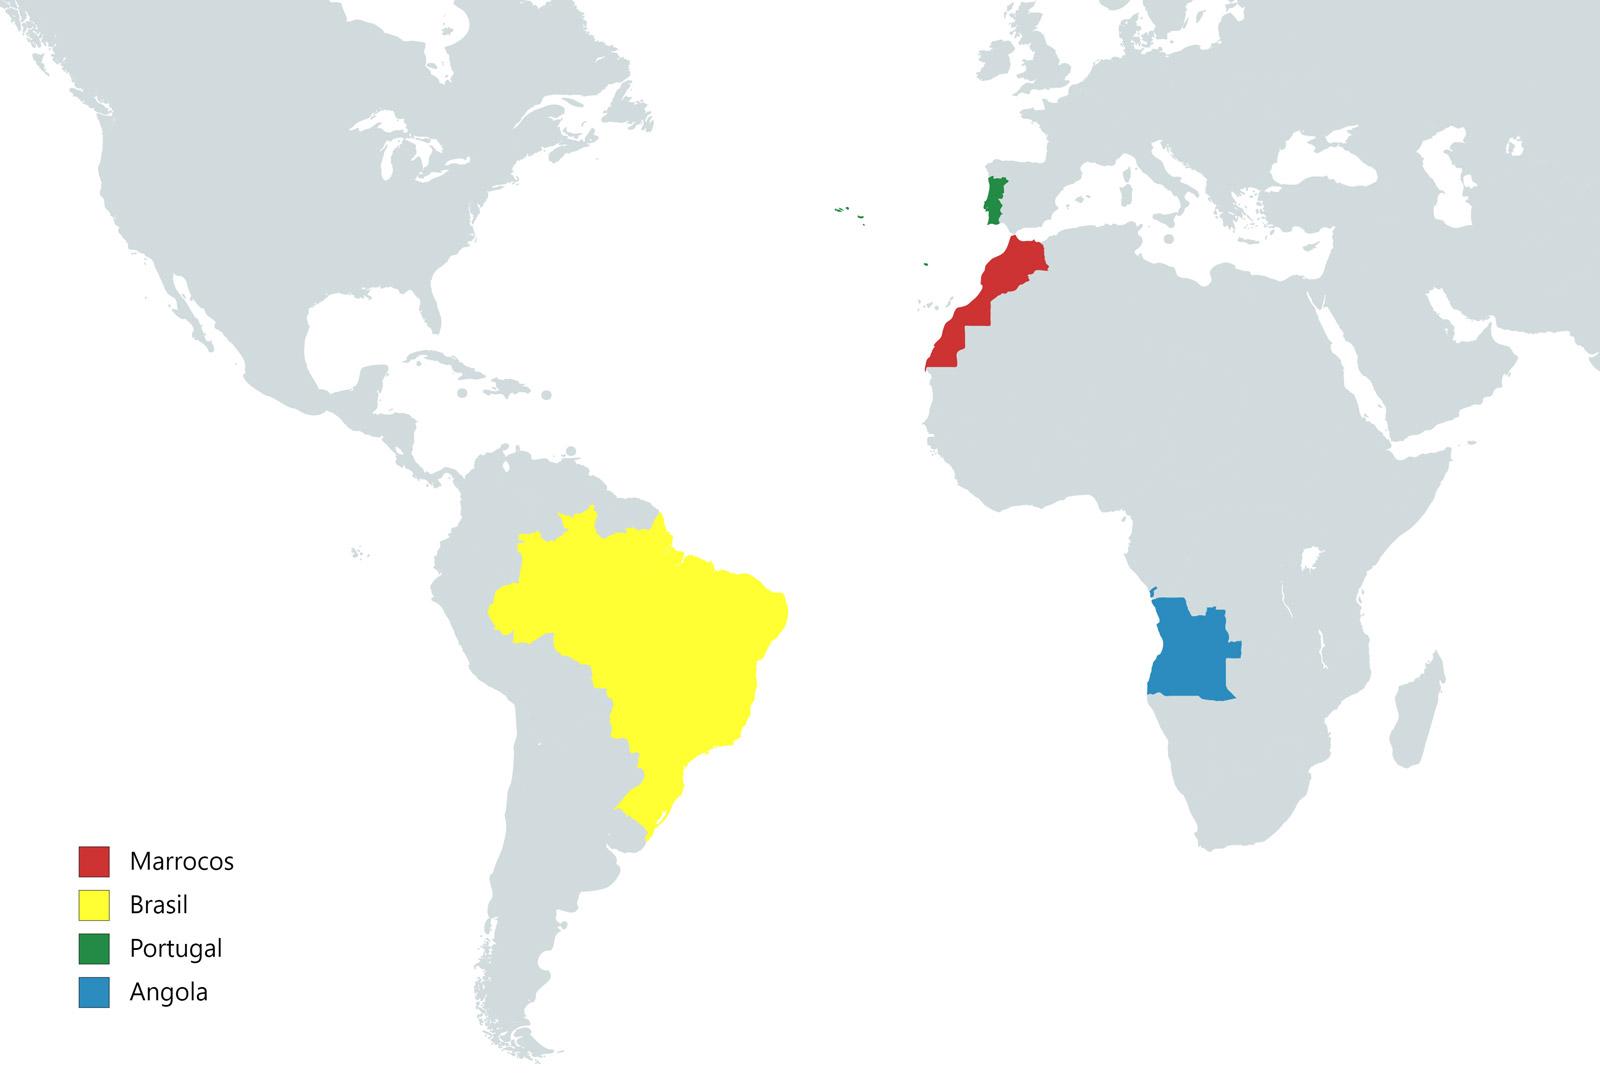 MAPA DE MARROCOS NO MUNDO